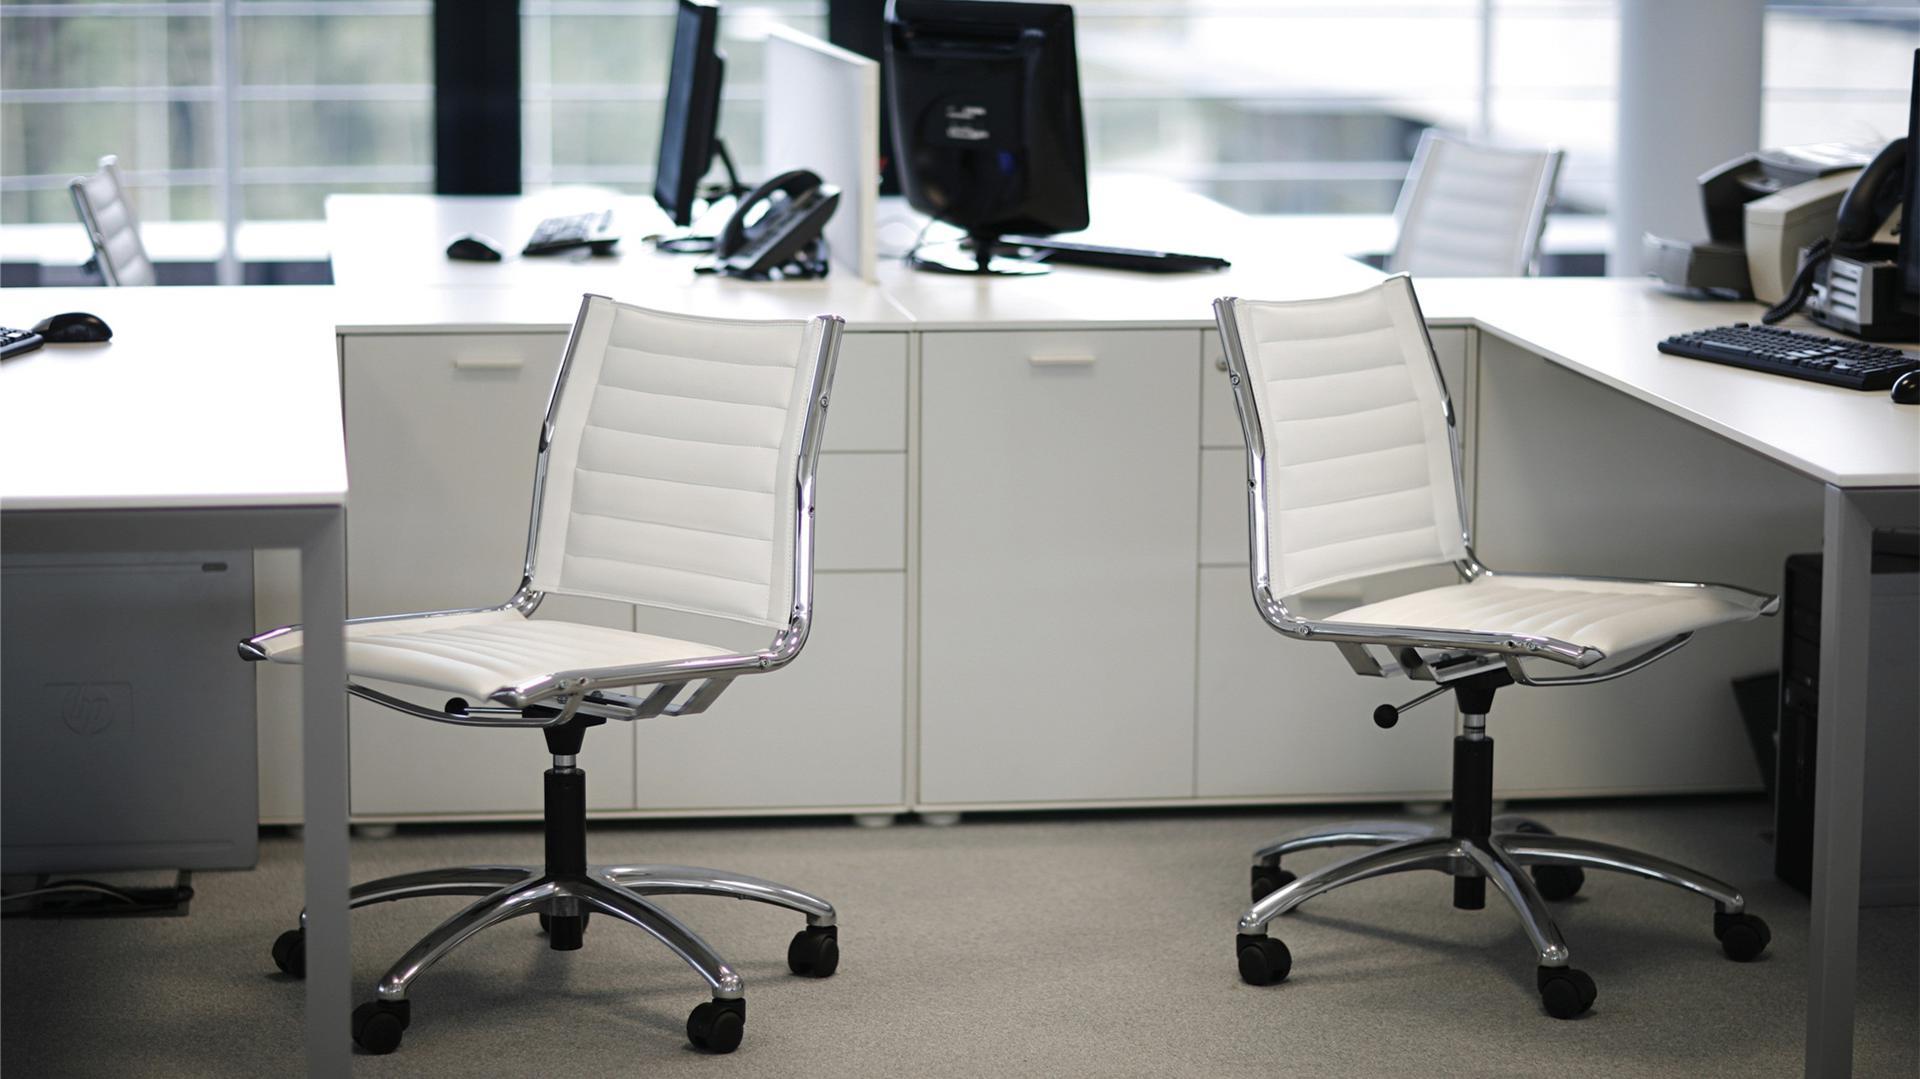 找实习公司的时候,如何判断一家公司的好坏?